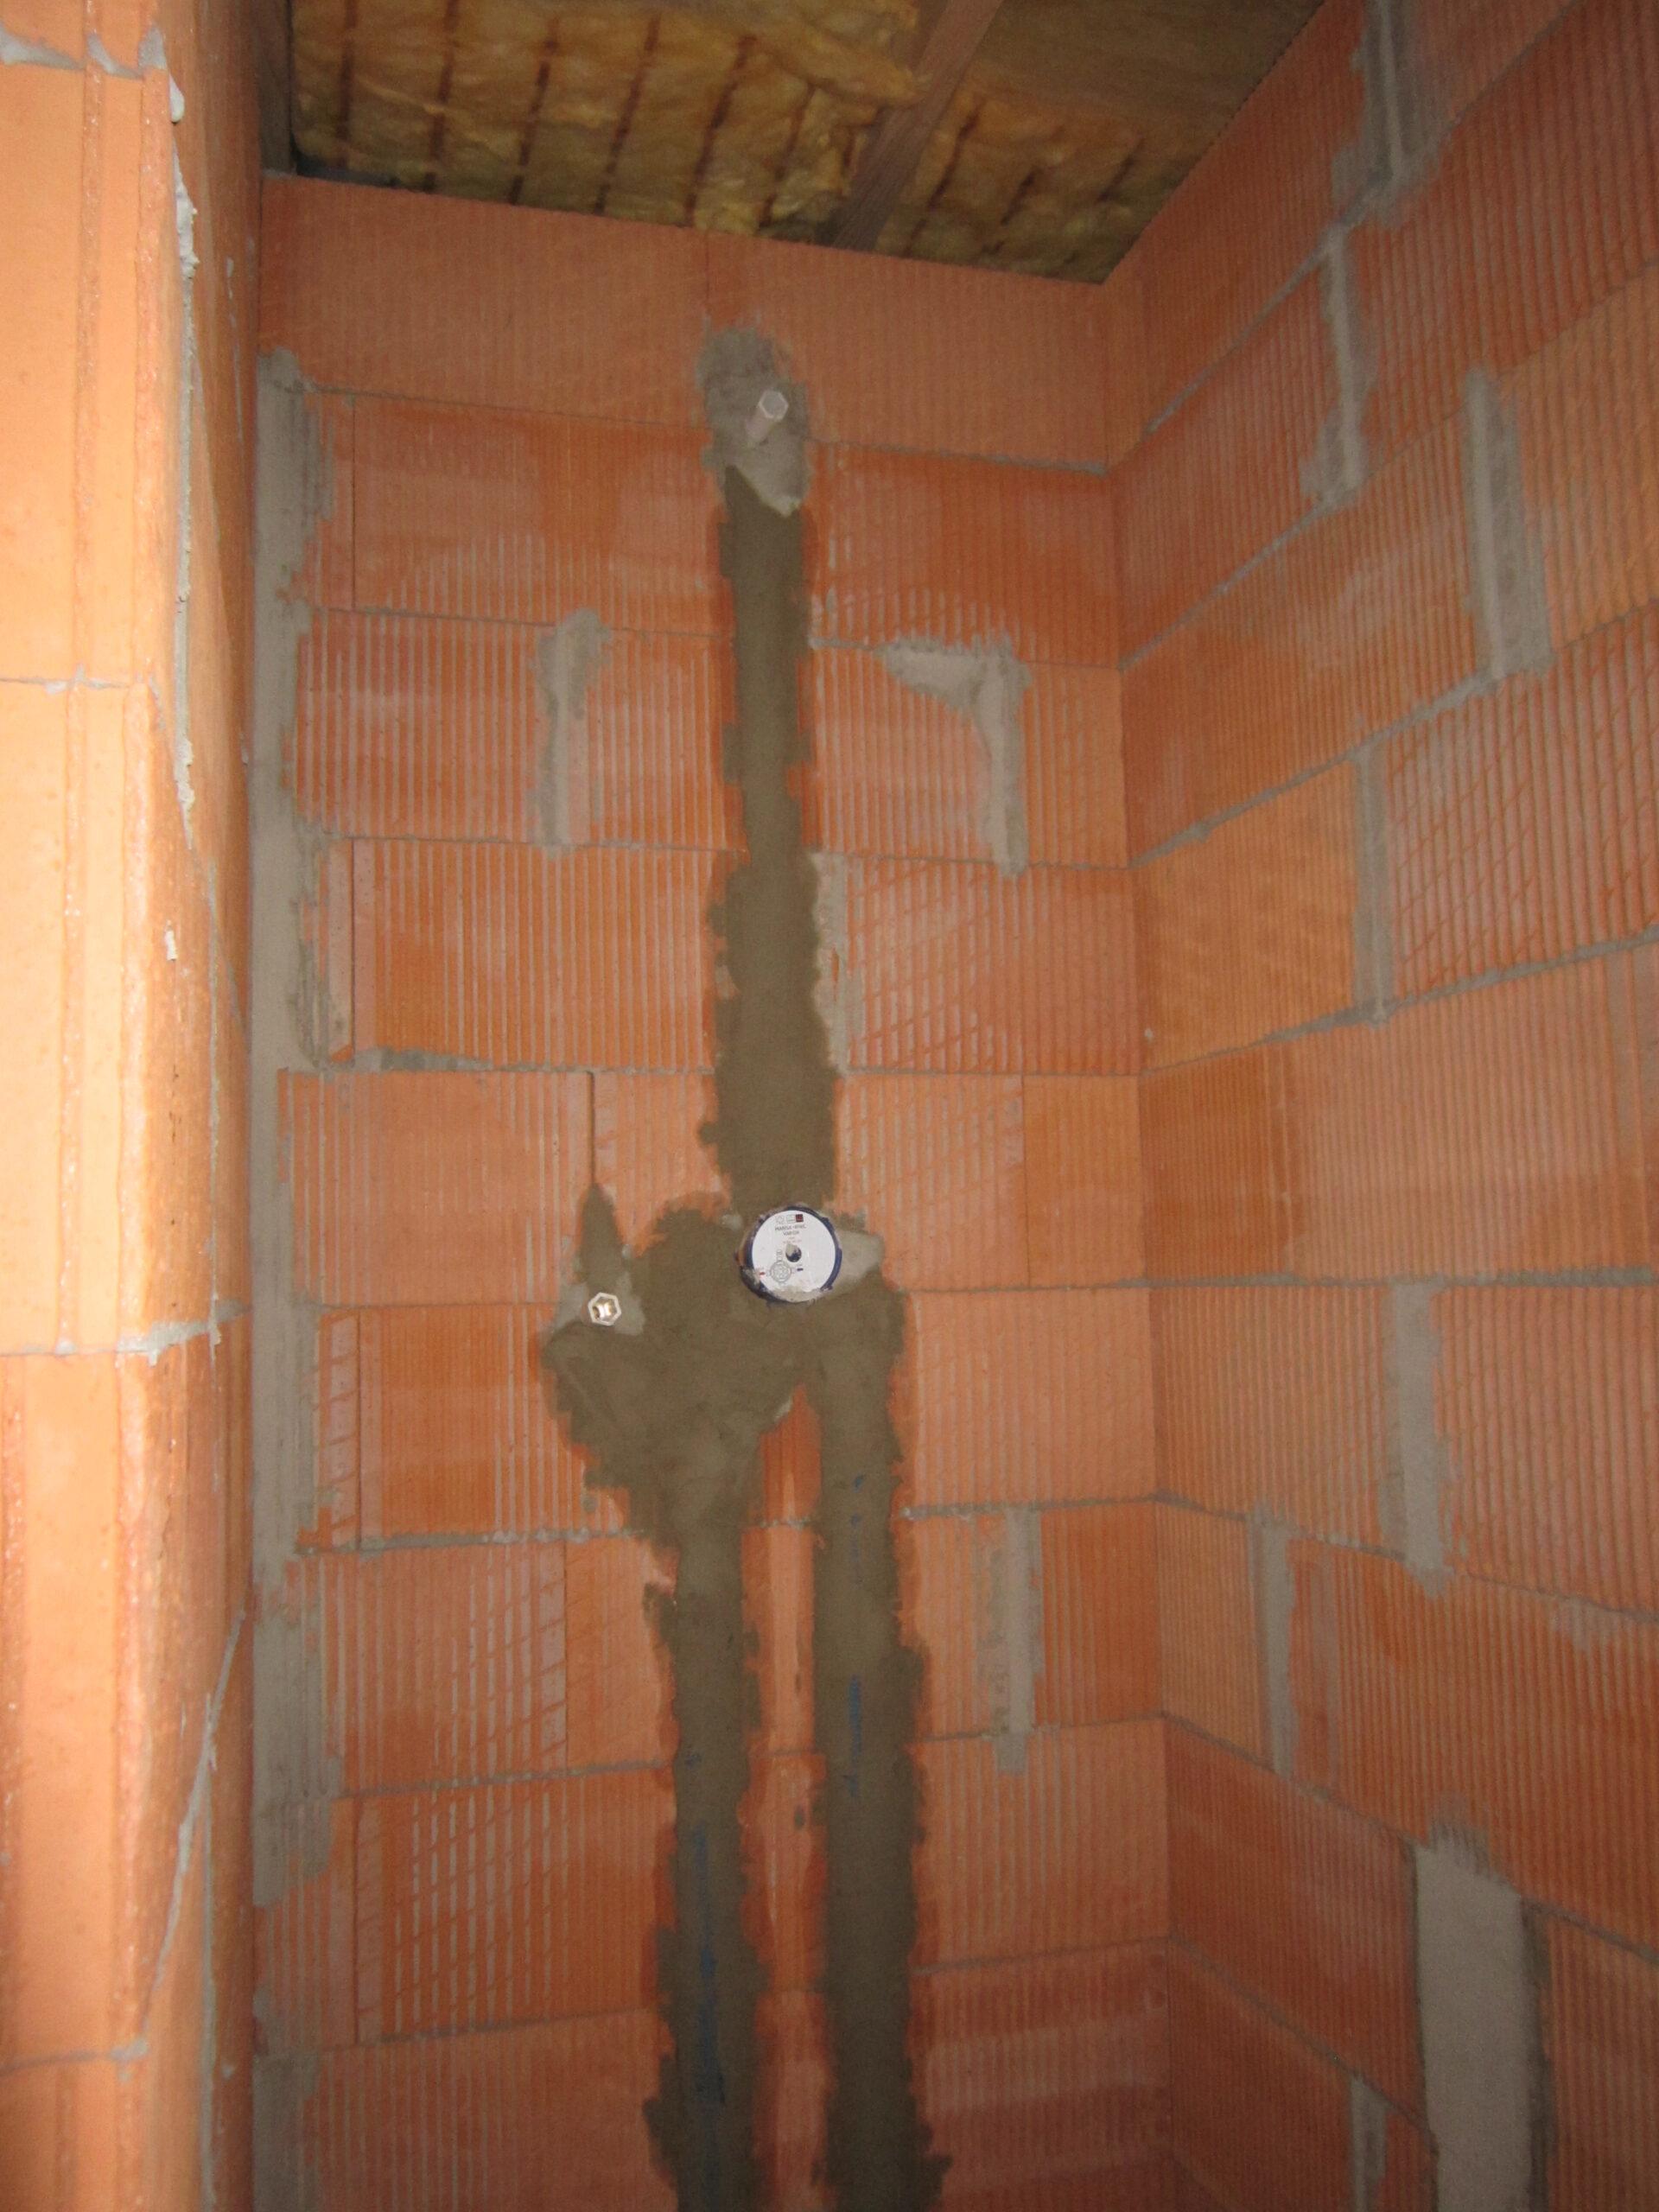 Full Size of Unterputz Armatur Dusche Unterputzarmatur Hausbaublog Hillerse Armaturen Küche Ebenerdig Einhebelmischer Antirutschmatte Sprinz Duschen Grohe Thermostat Dusche Unterputz Armatur Dusche